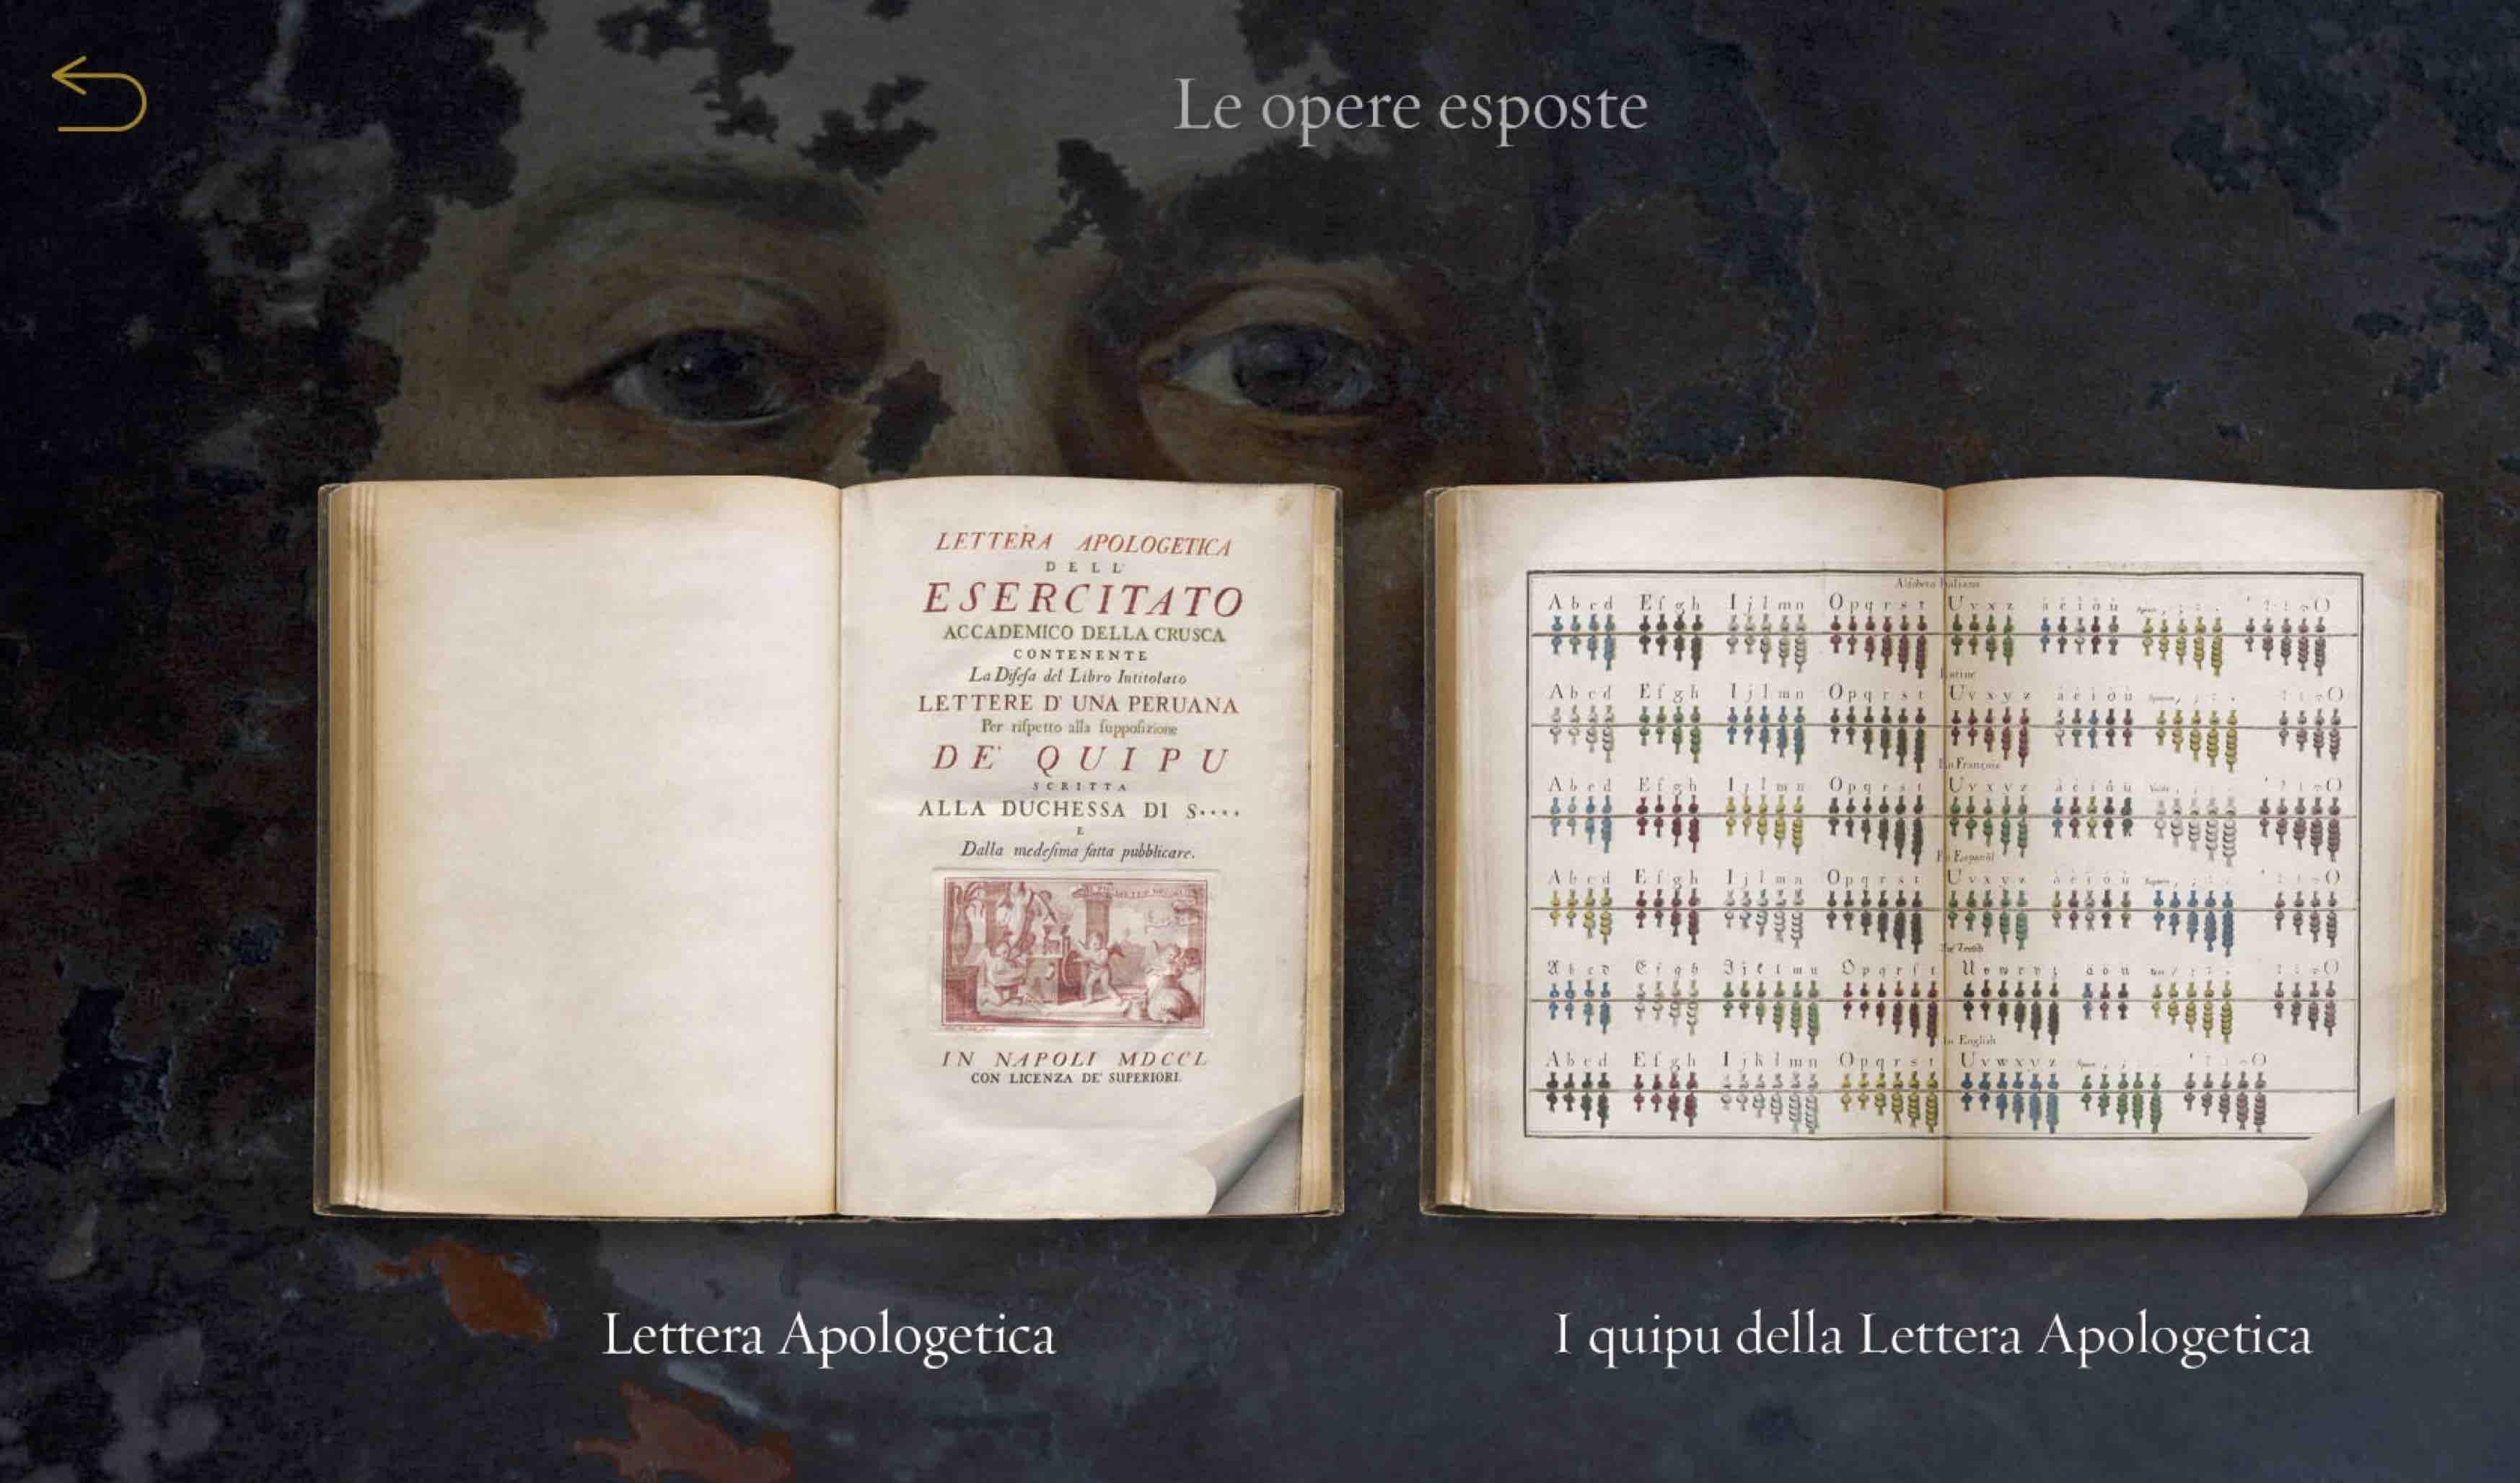 Lettera Apologetica_Mostra_Un immenso scandalo_Cappella Sansevero_2_lowjpg